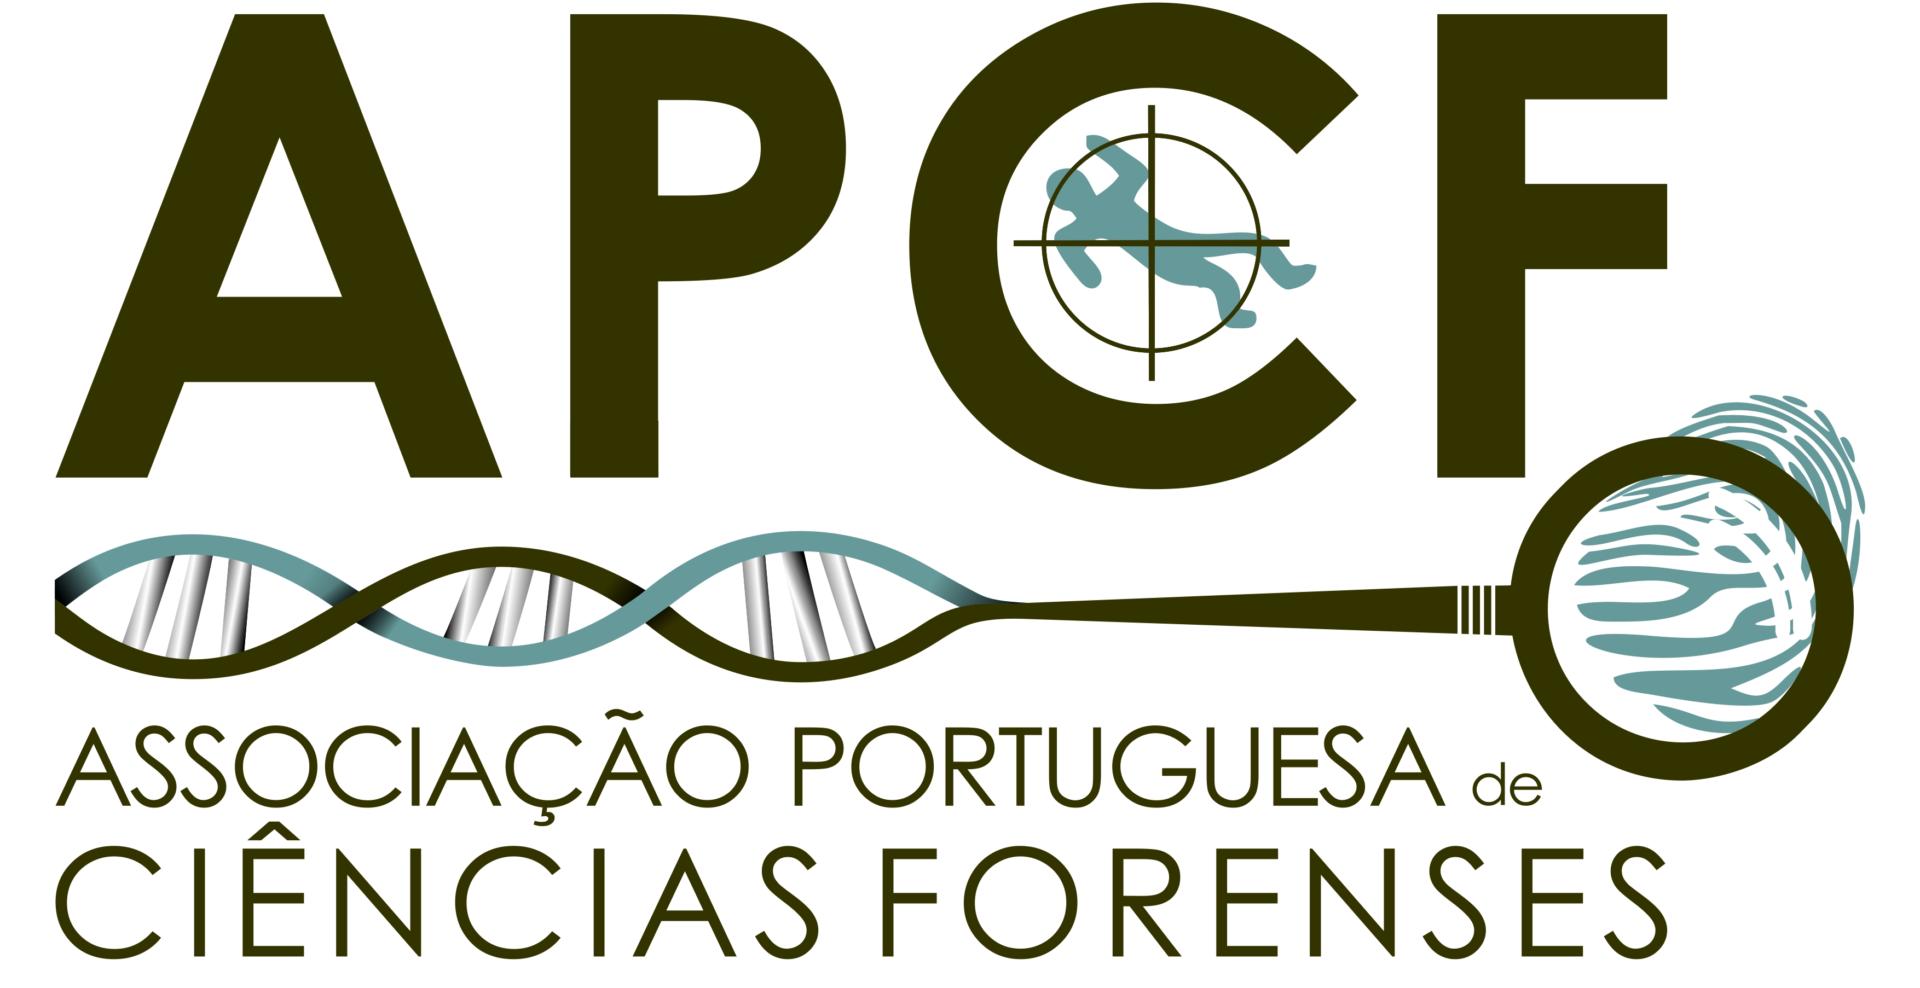 ASSOCIAÇÃO PORTUGUESA DE CIÊNCIAS FORENSES